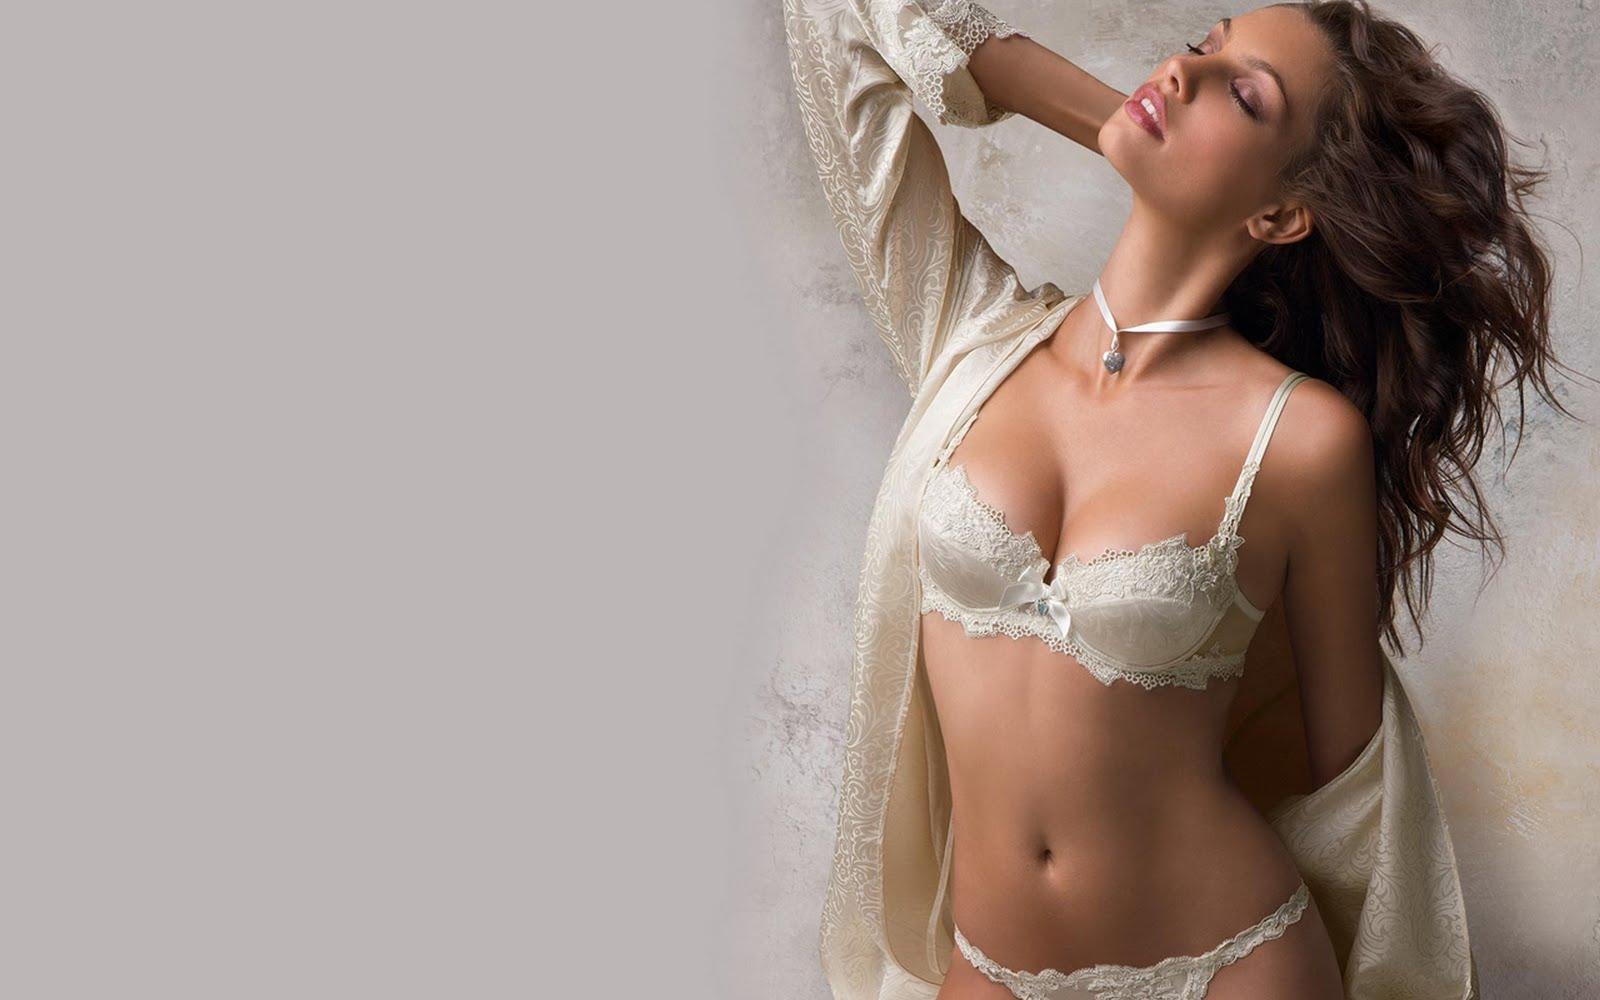 Самые красивые модели в красивом белье 1 фотография